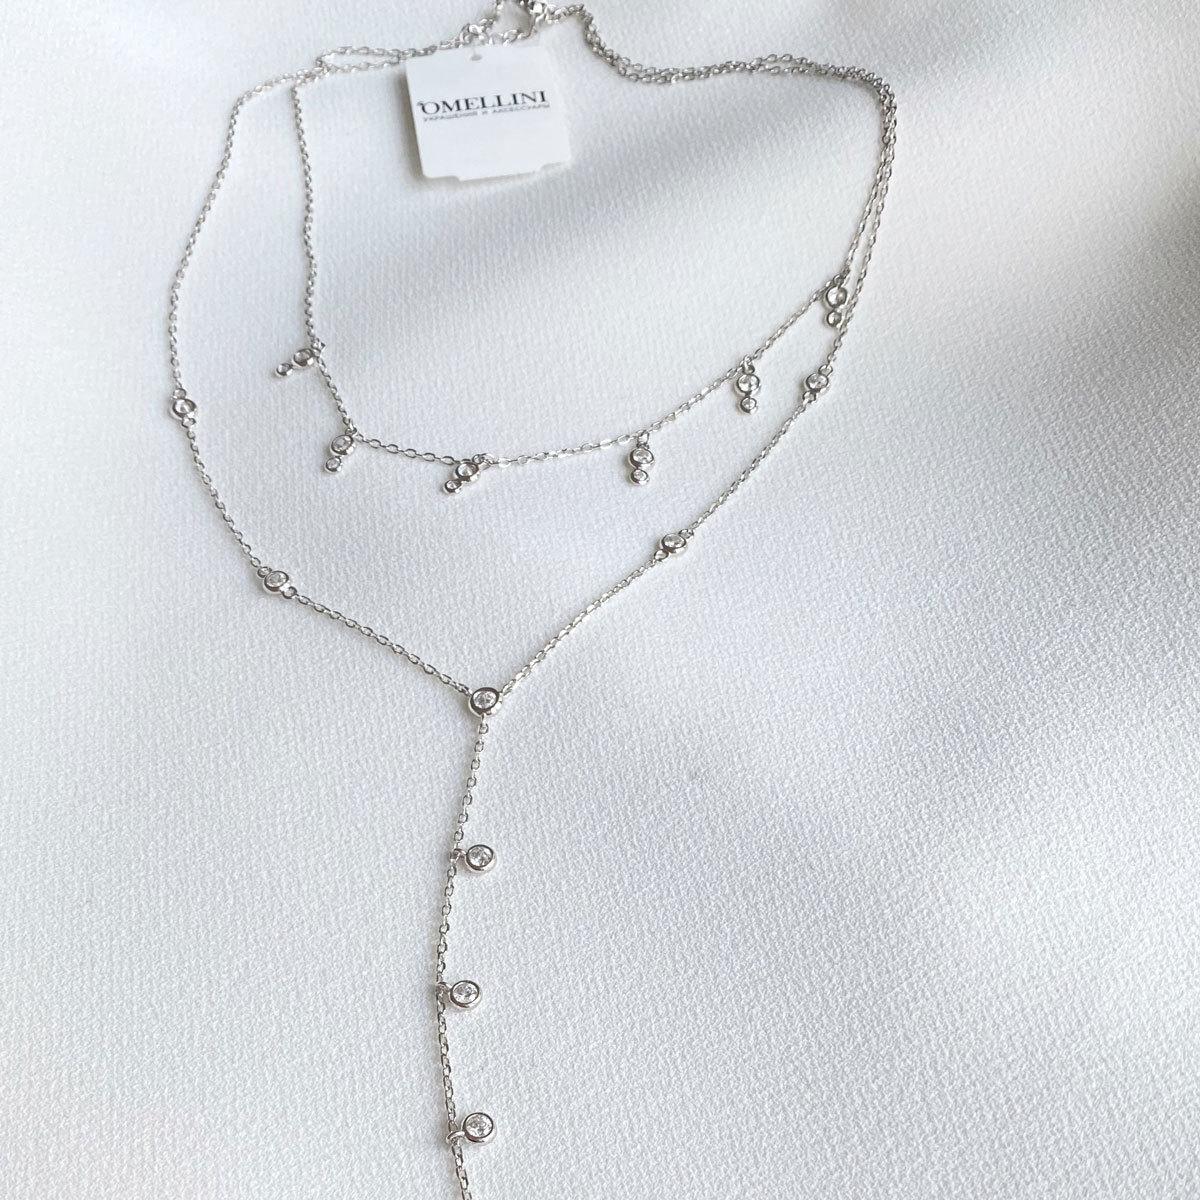 Колье двухрядное с цирконовыми подвесками (цирконы, серебро 925)